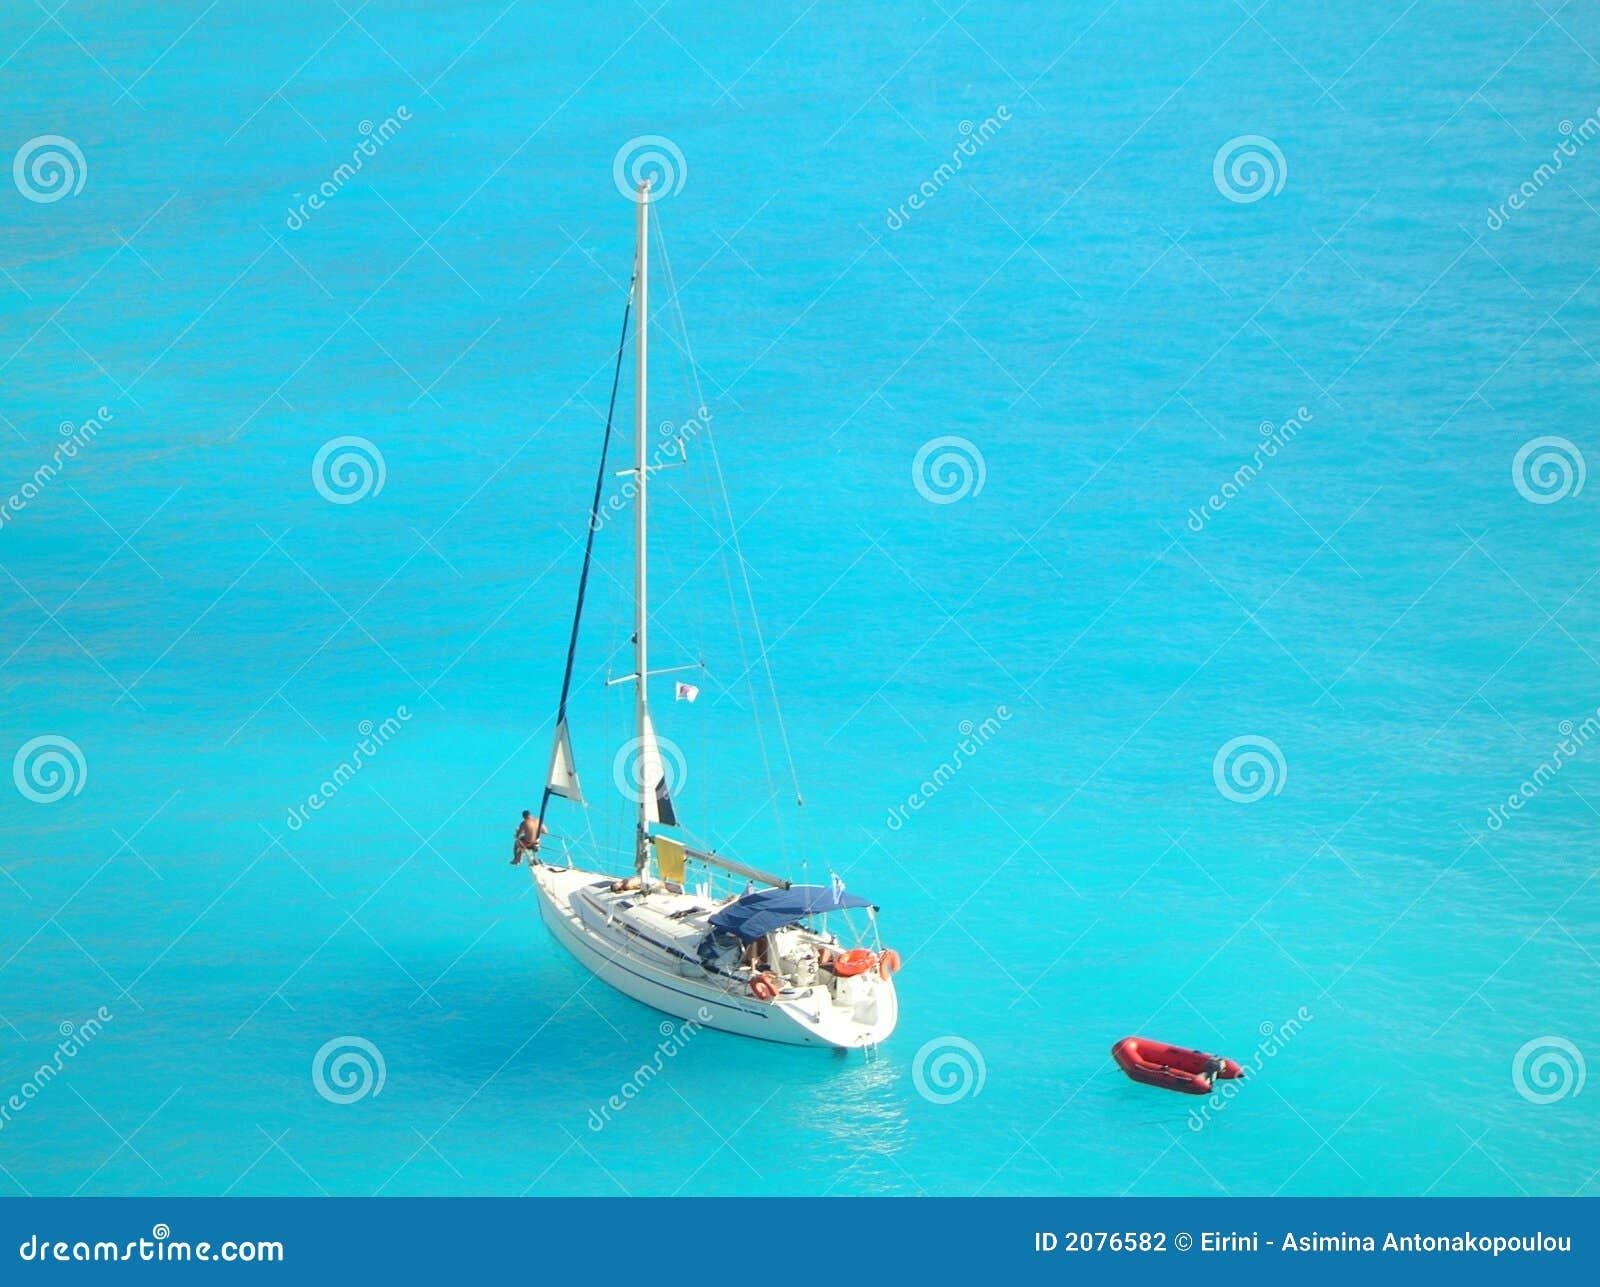 Blå ionian ljus havsyacht